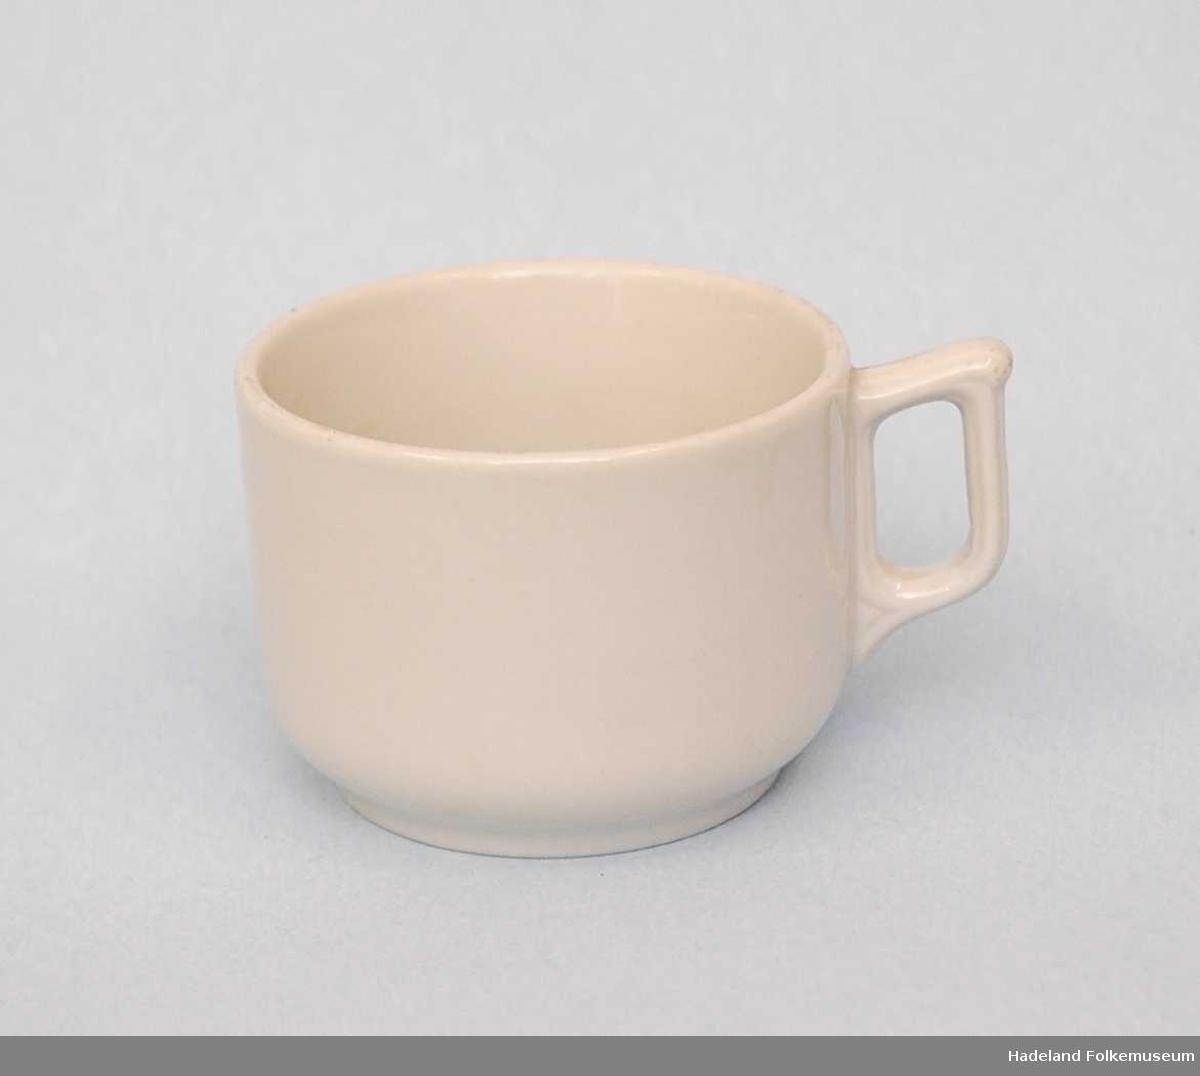 Drikkekar med hank til kaffe. Korpus er sylinderformet med fotring. Hanken har dekorstriper i godset.